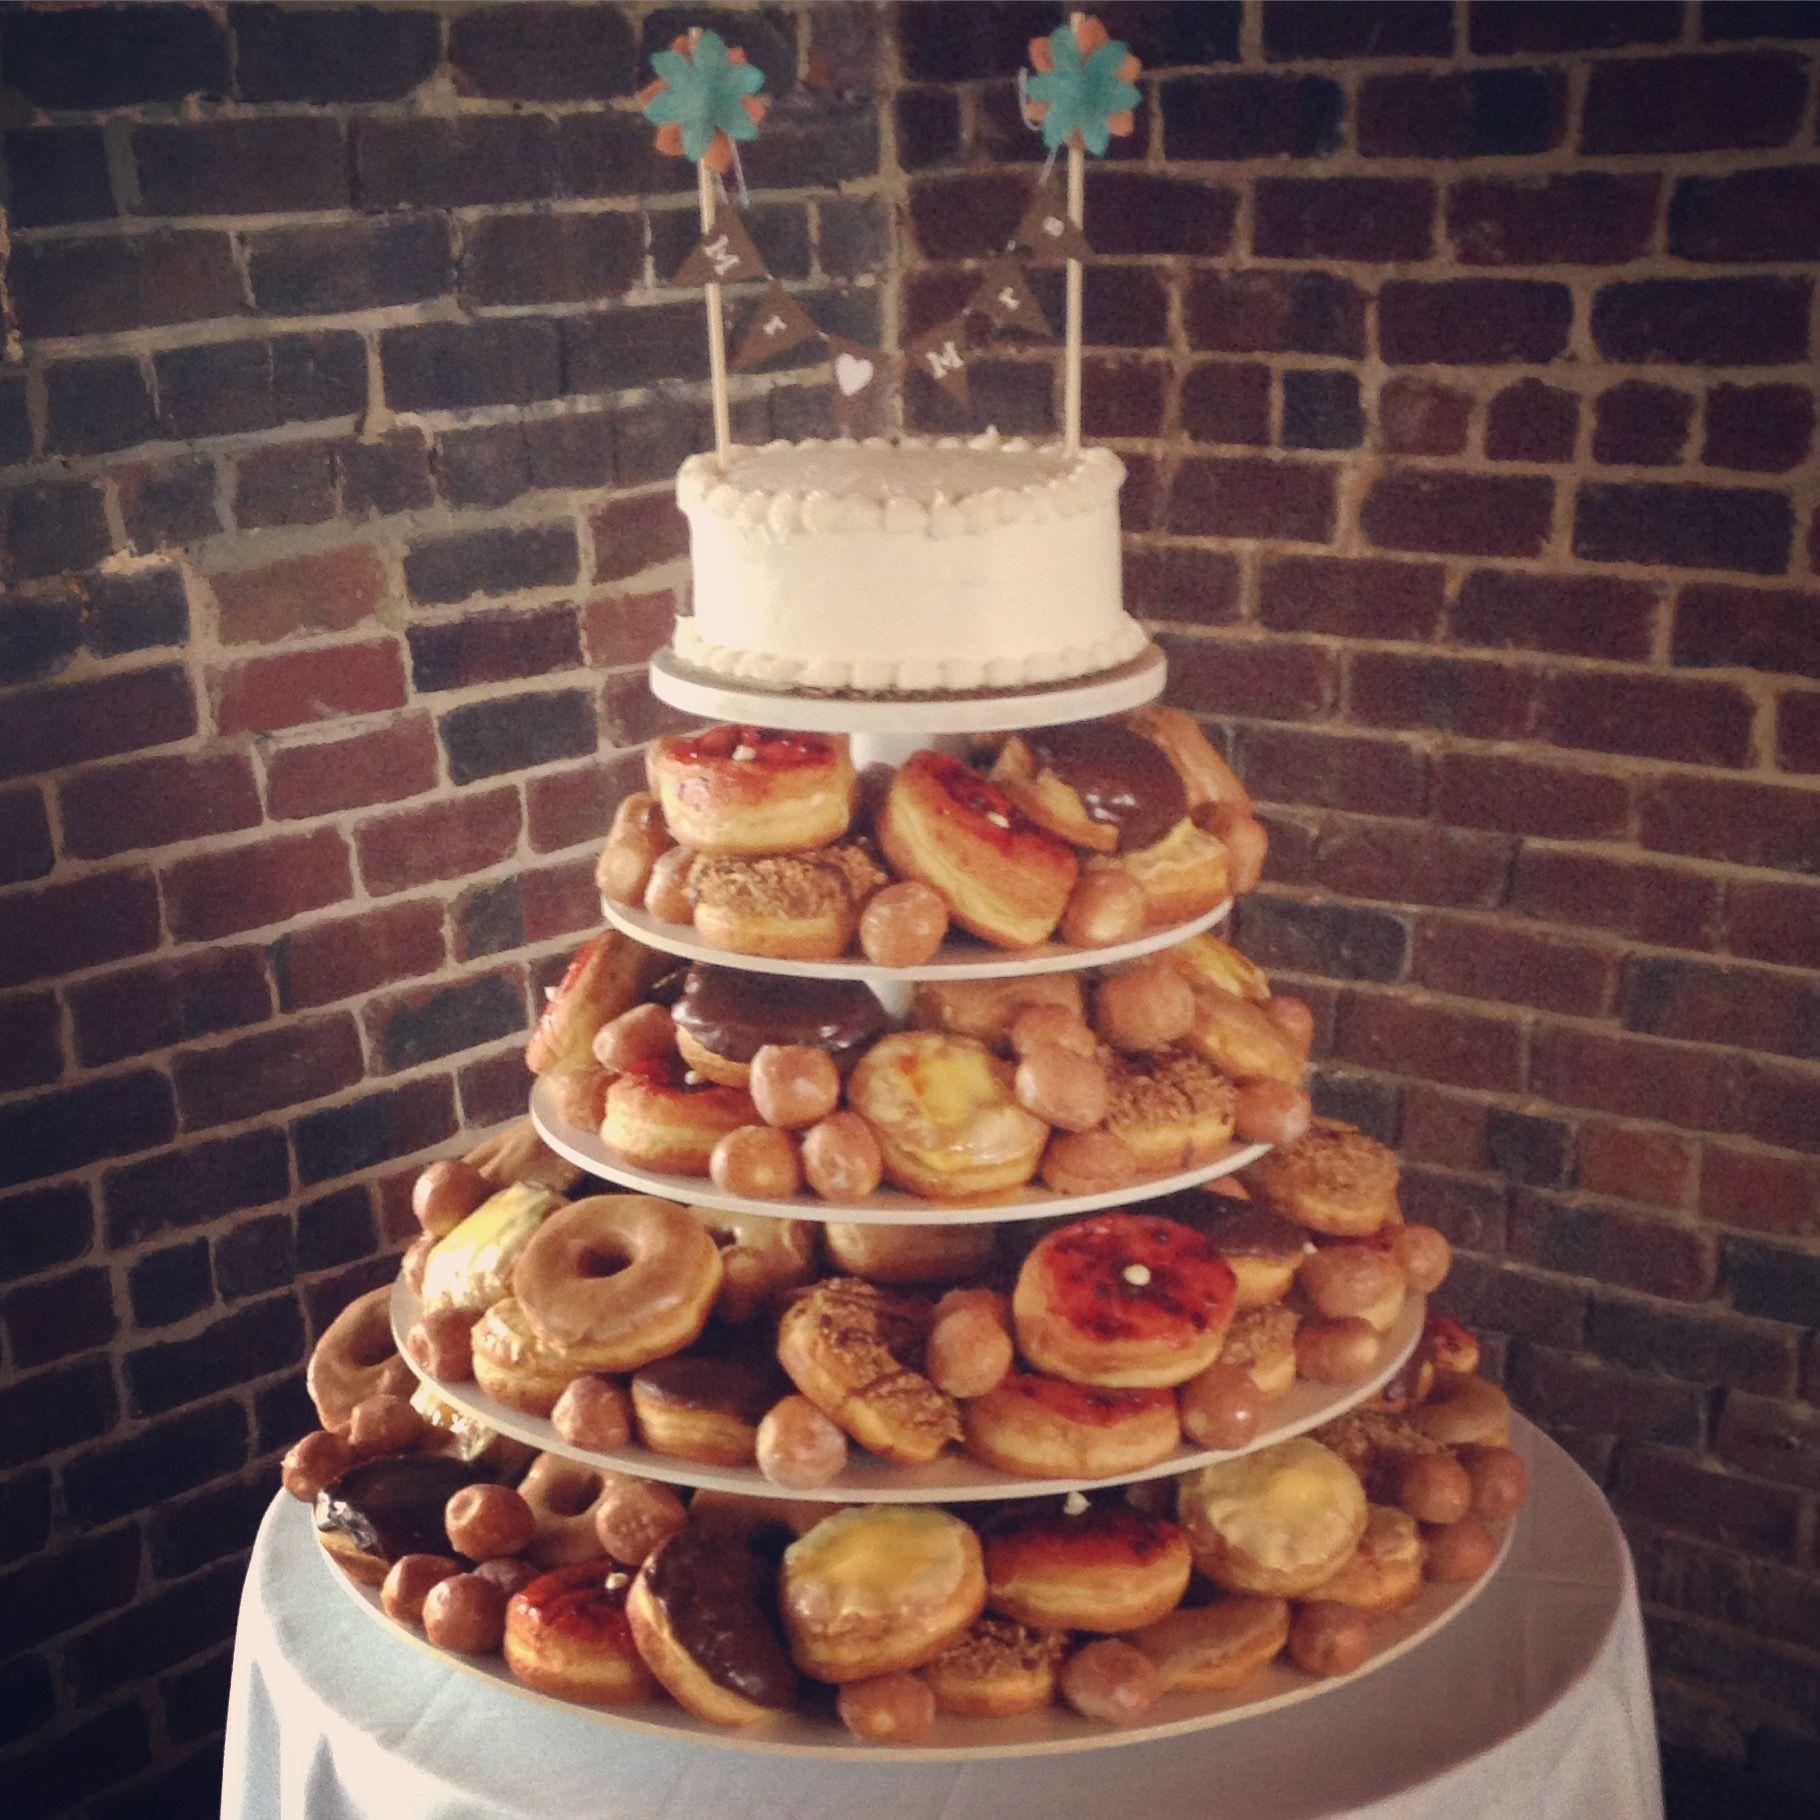 Donut wedding cake from Wake N Bake Donuts in Carolina Beach NC www